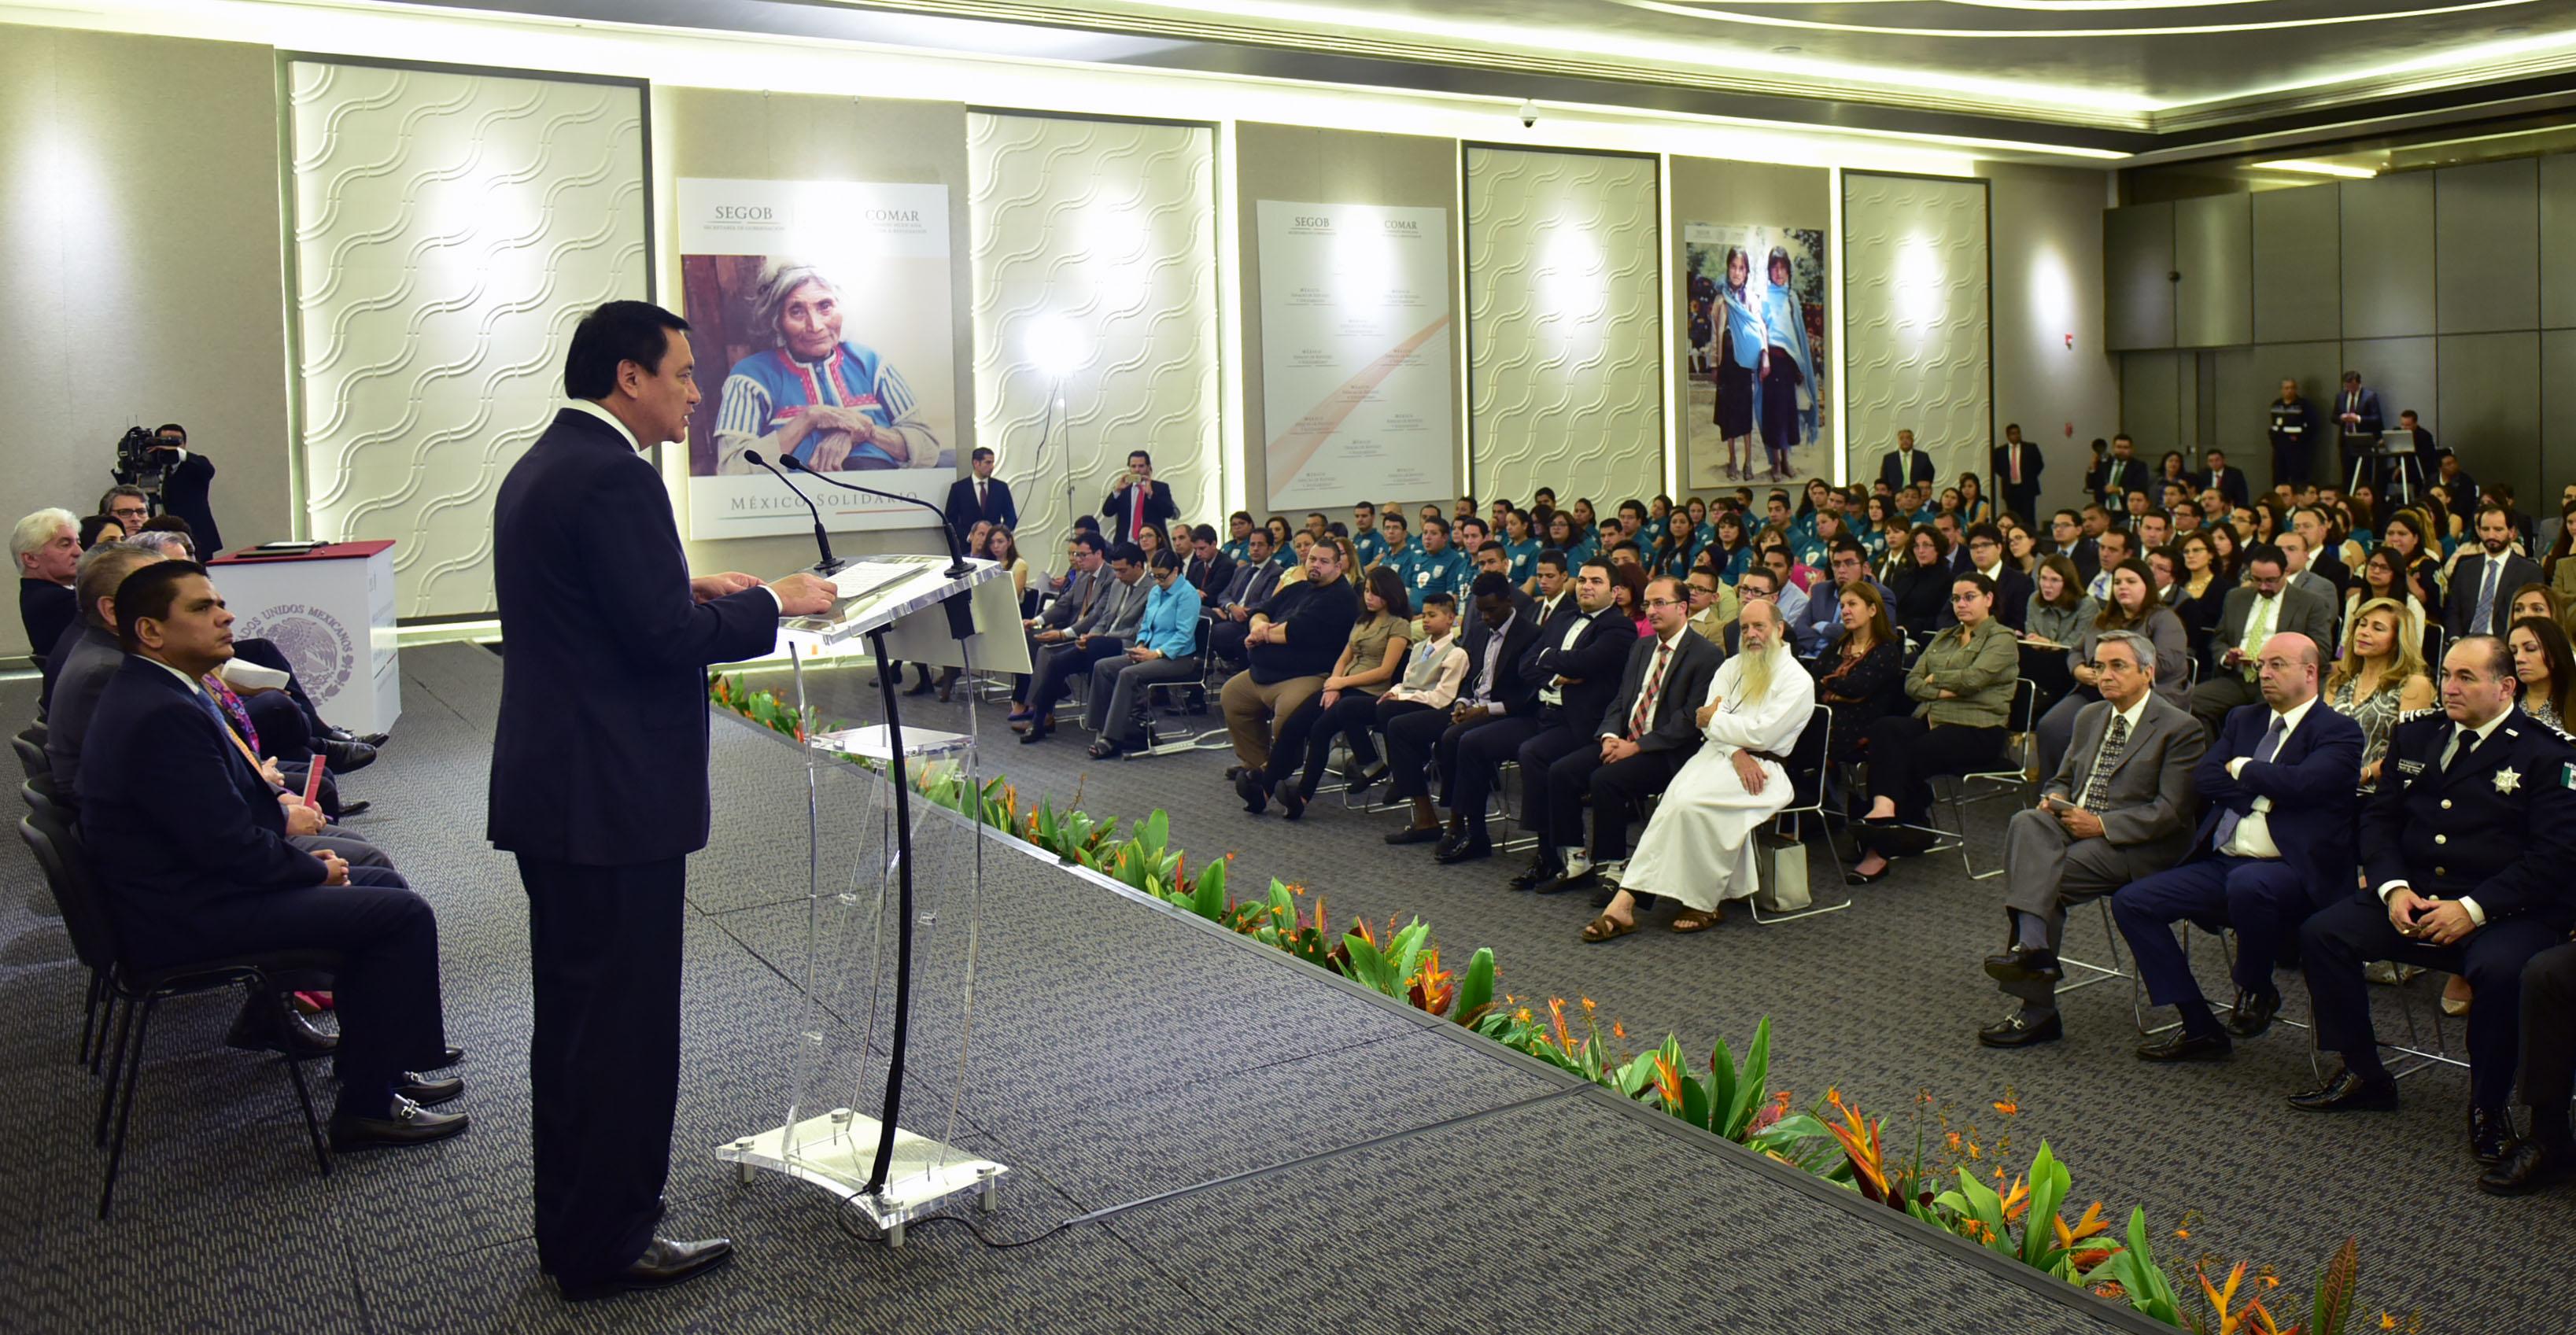 El Secretario de Gobernación Miguel Ángel Osorio Chong interviene en acto donde se suscribe convenio por las personas refugiadas.